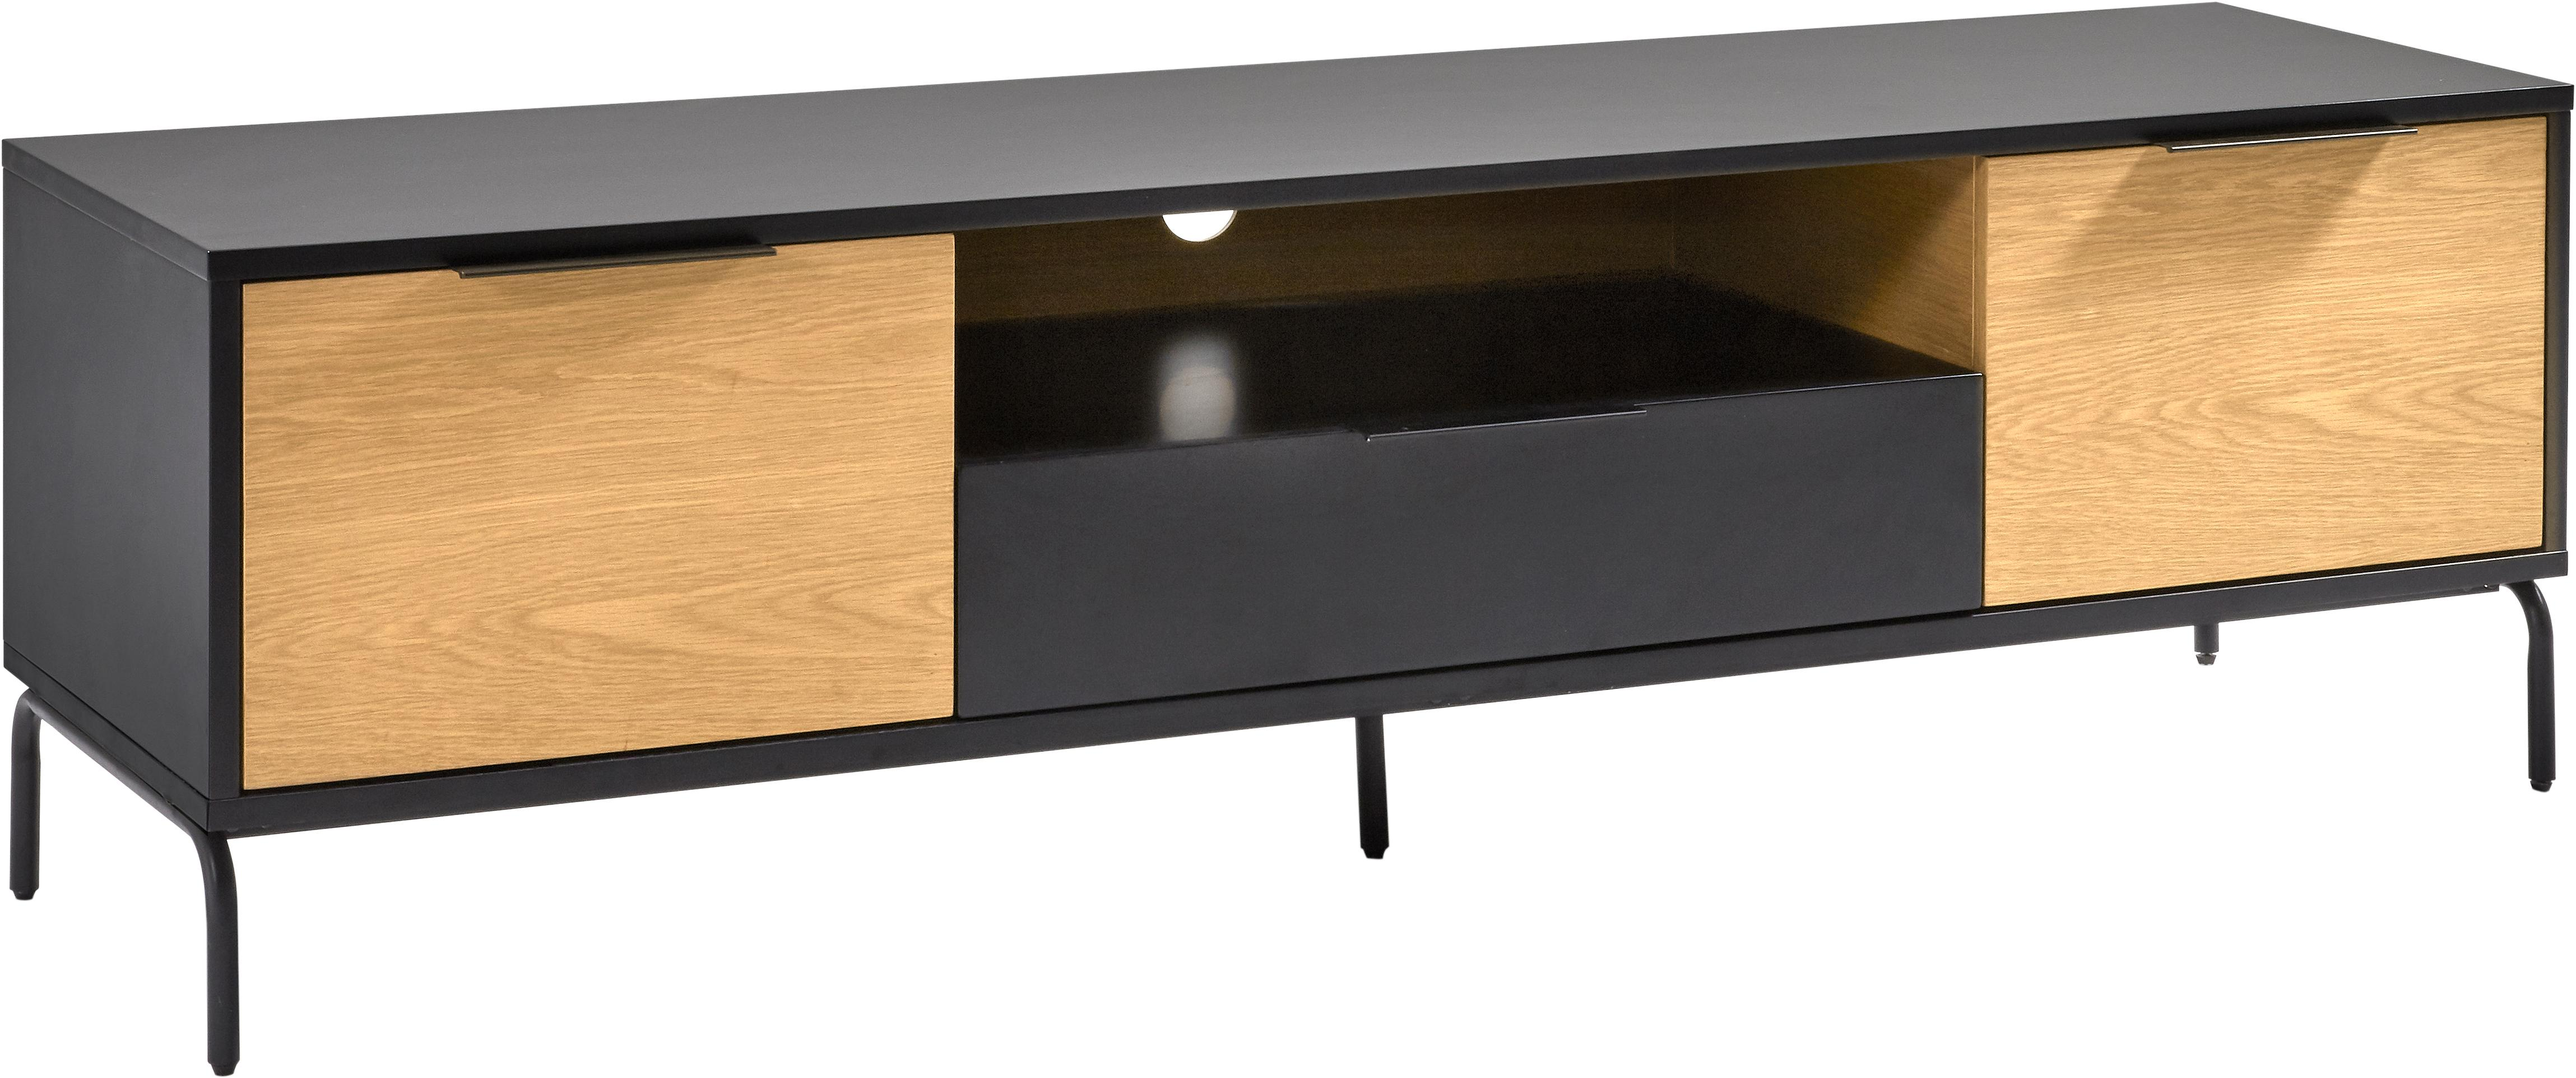 TV-Lowboard Stellar mit 2 Türen und einer Schublade, Schwarz, Eichenholz, 170 x 50 cm